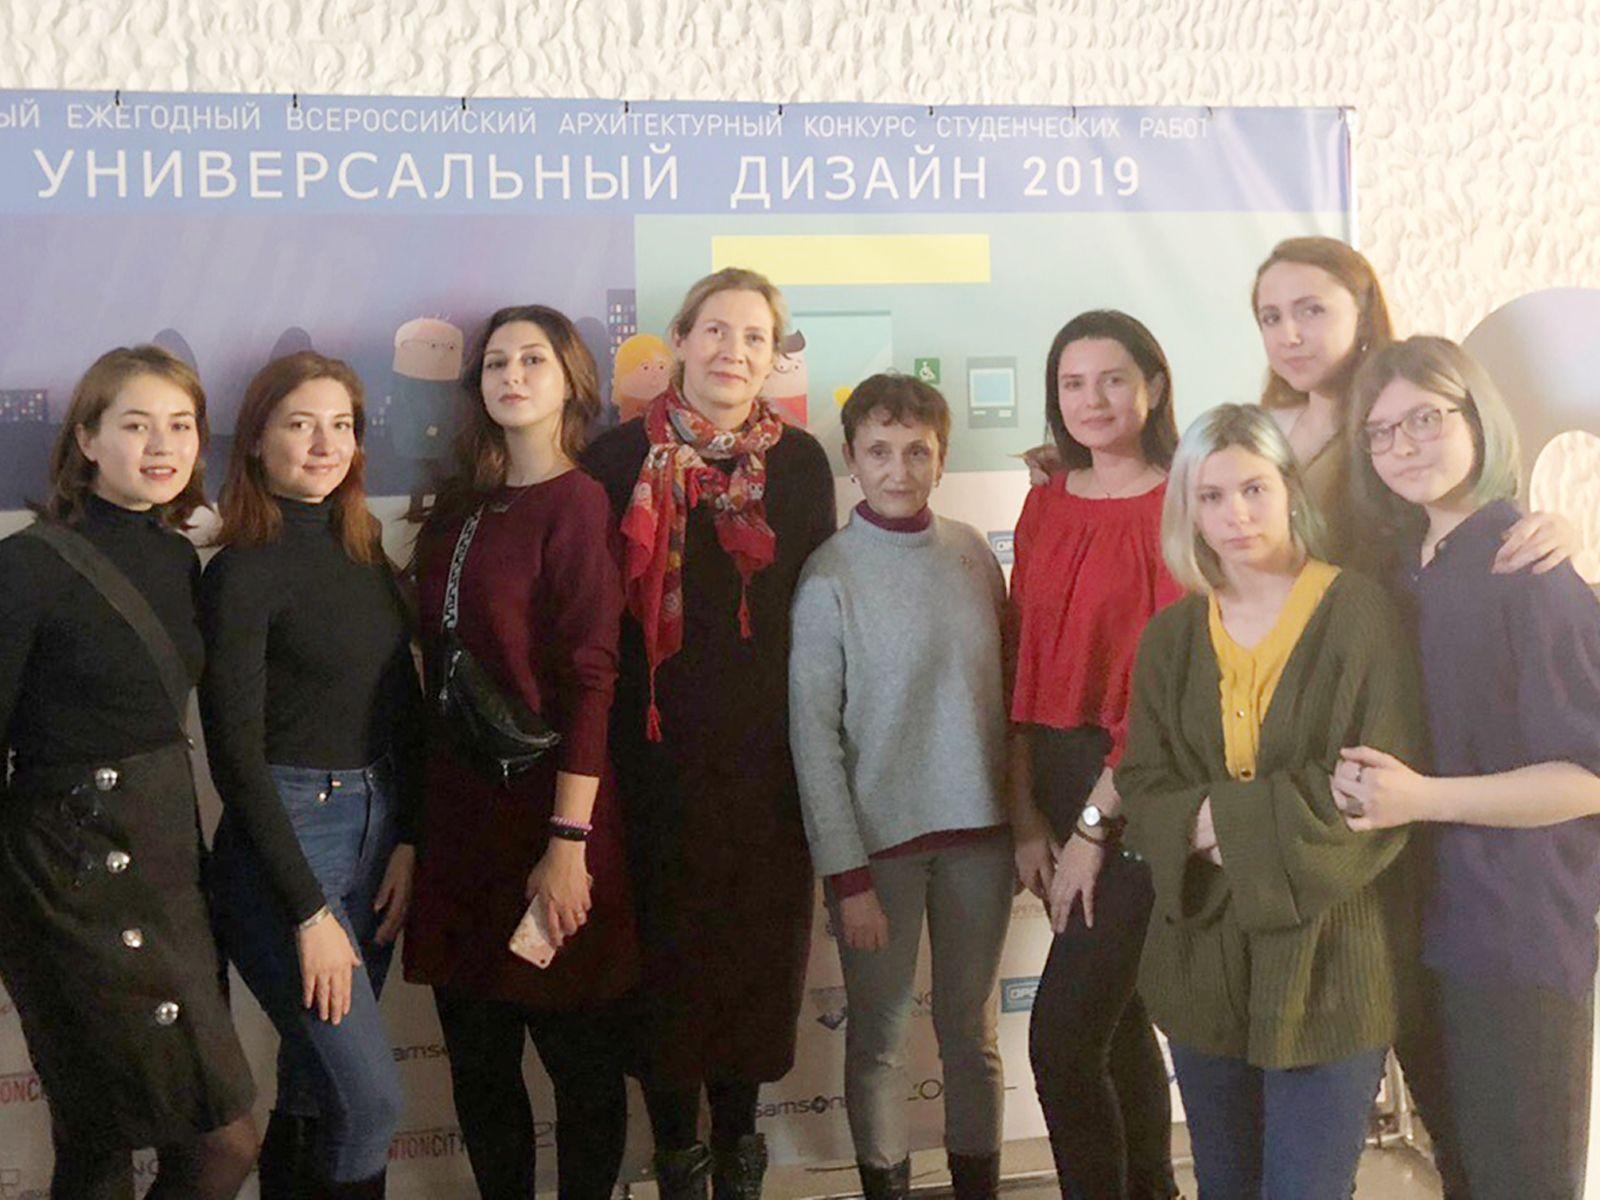 Студентки Института, сервиса, моды и дизайна ВГУЭС — победительницы V всероссийского архитектурного конкурса «Универсальный дизайн»